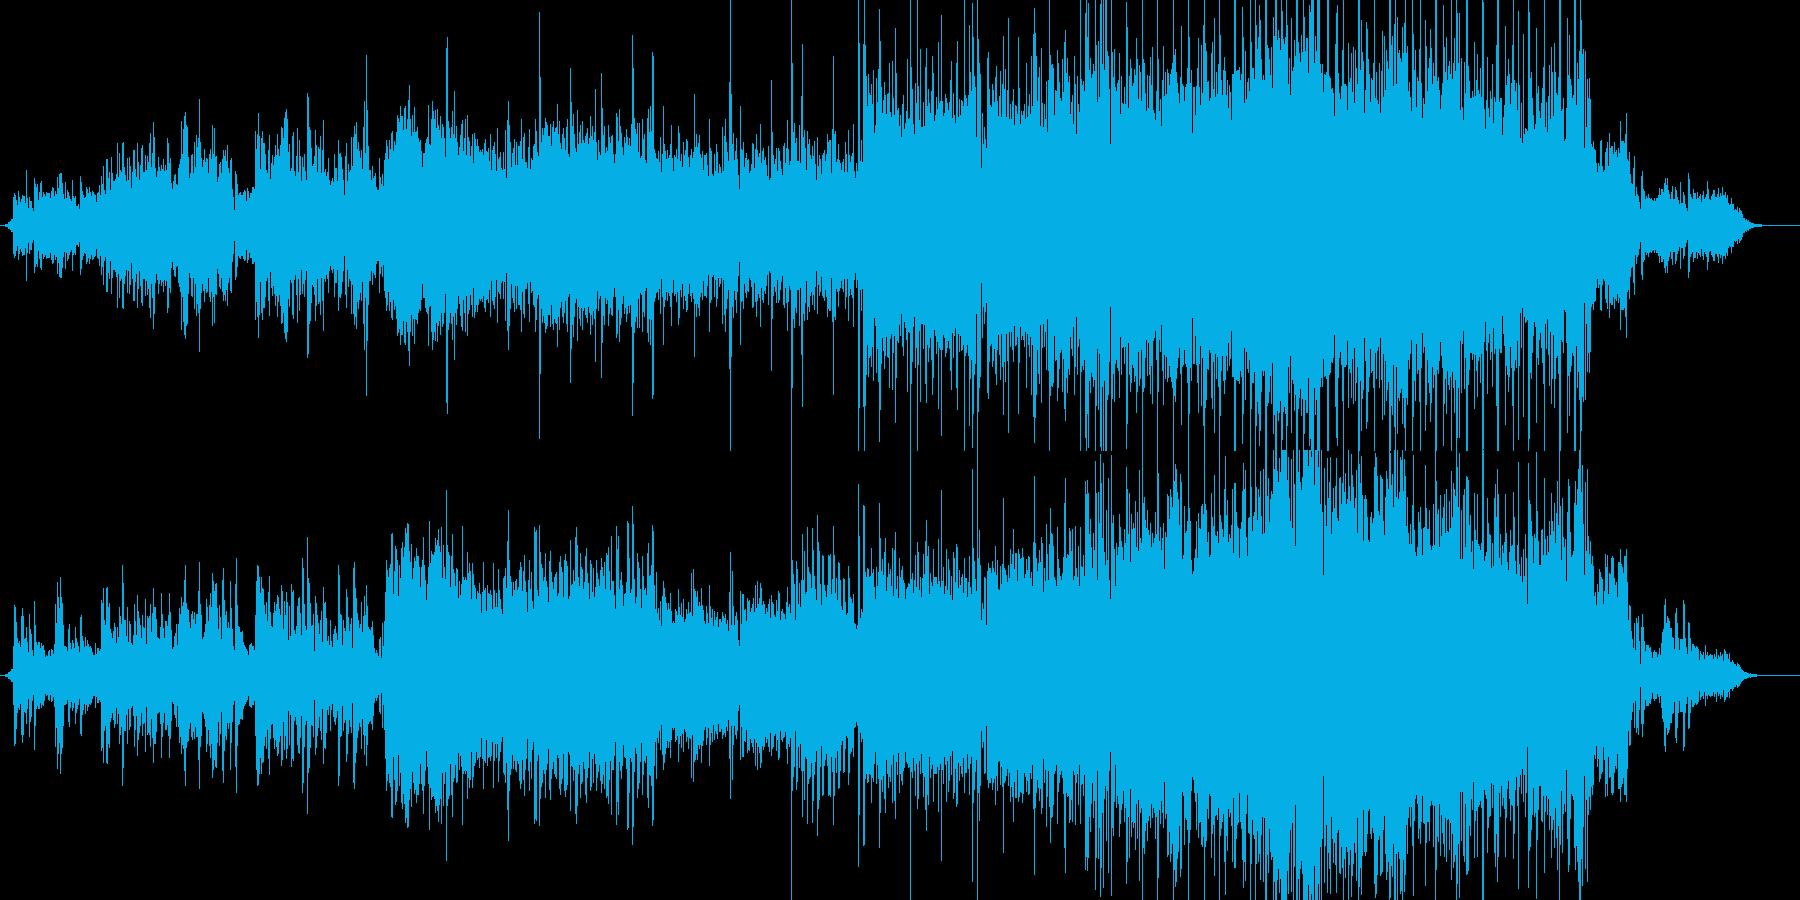 スカボロー・フェアの民族調アレンジです。の再生済みの波形